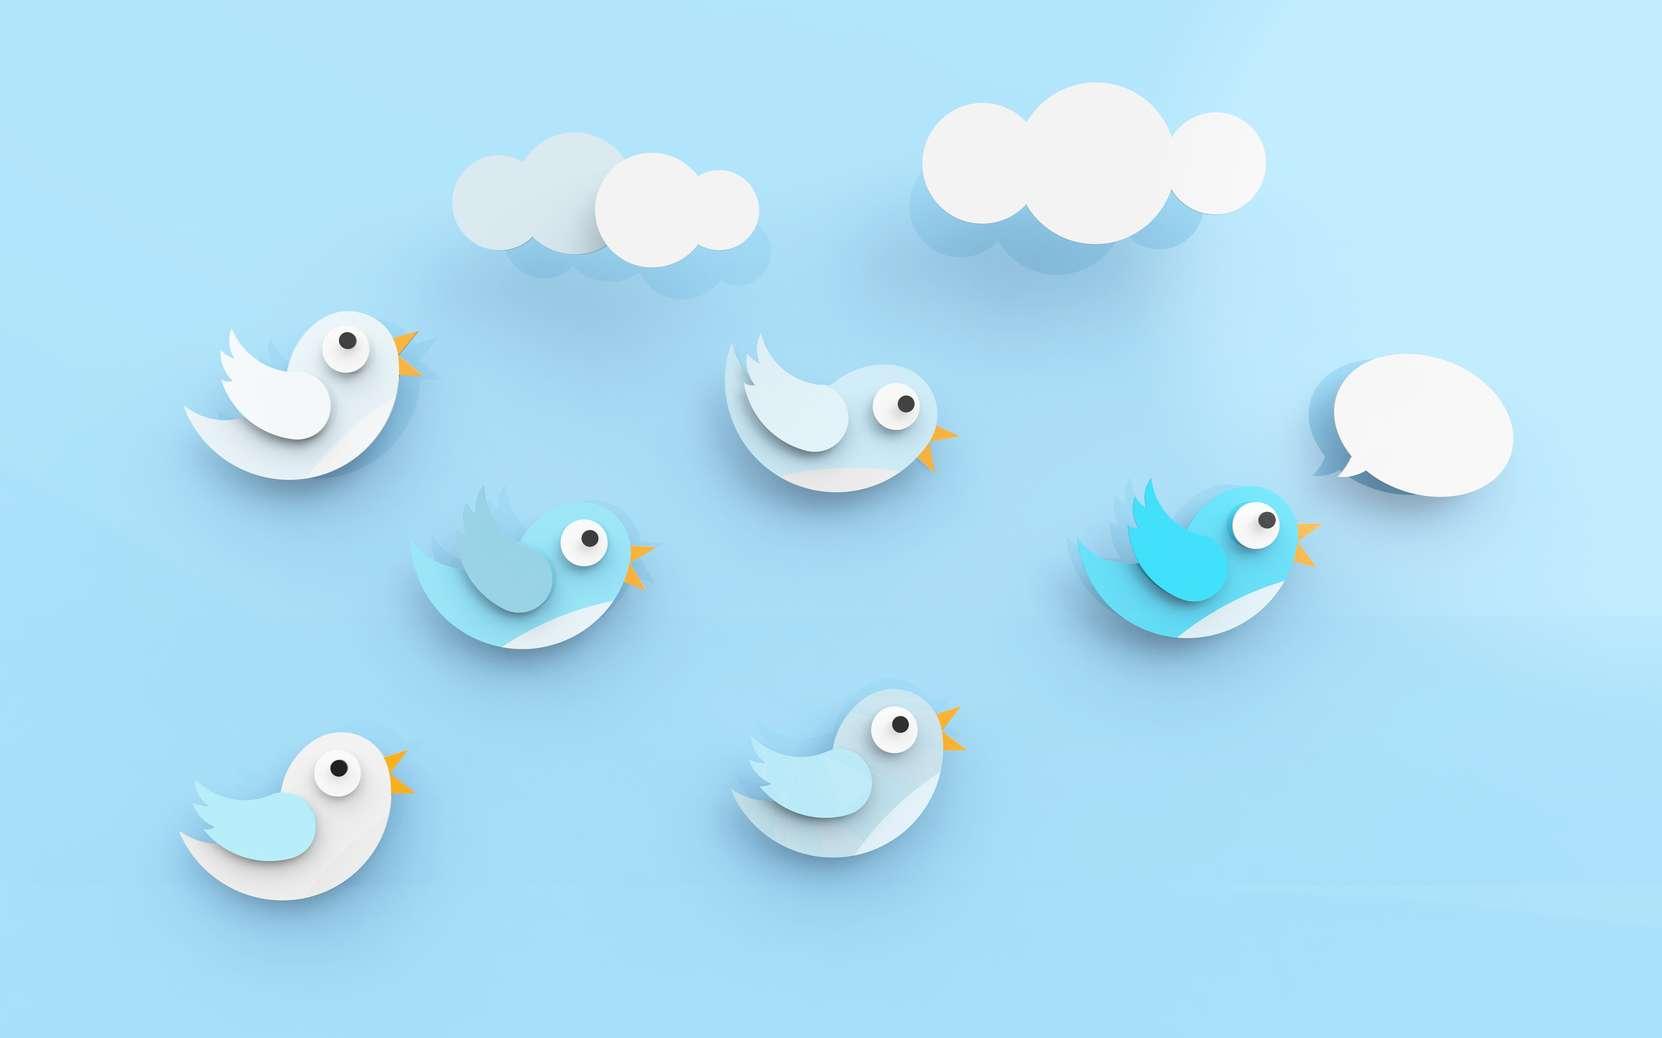 Faut-il supprimer le compte Twitter d'une personne décédée ? © Groenning, Fotolia